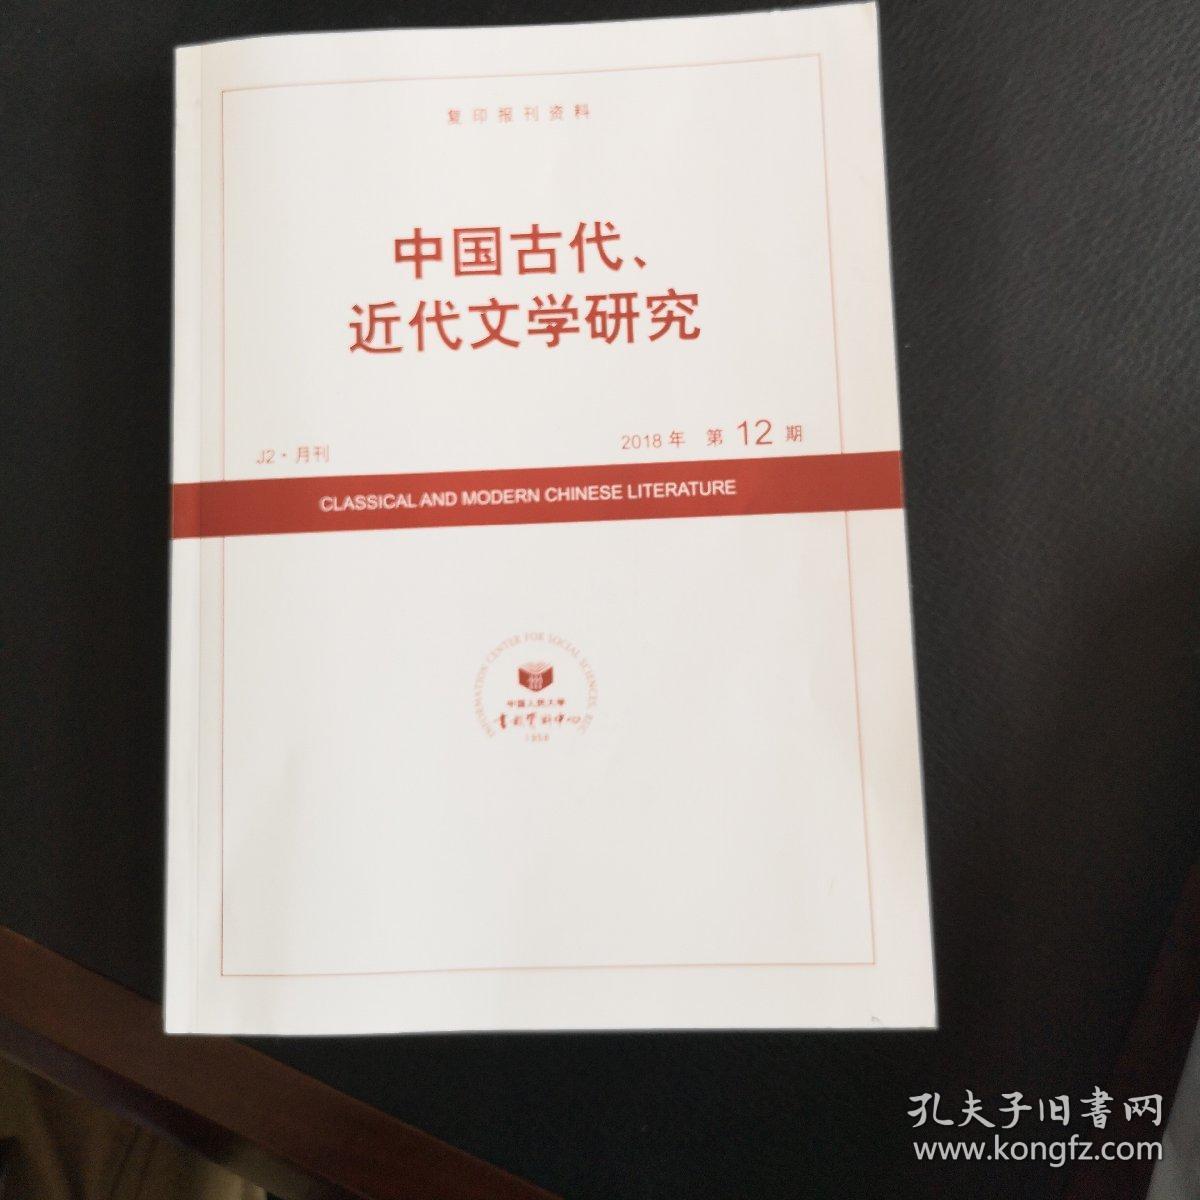 中国古代、近代文学研究 2018年第12期